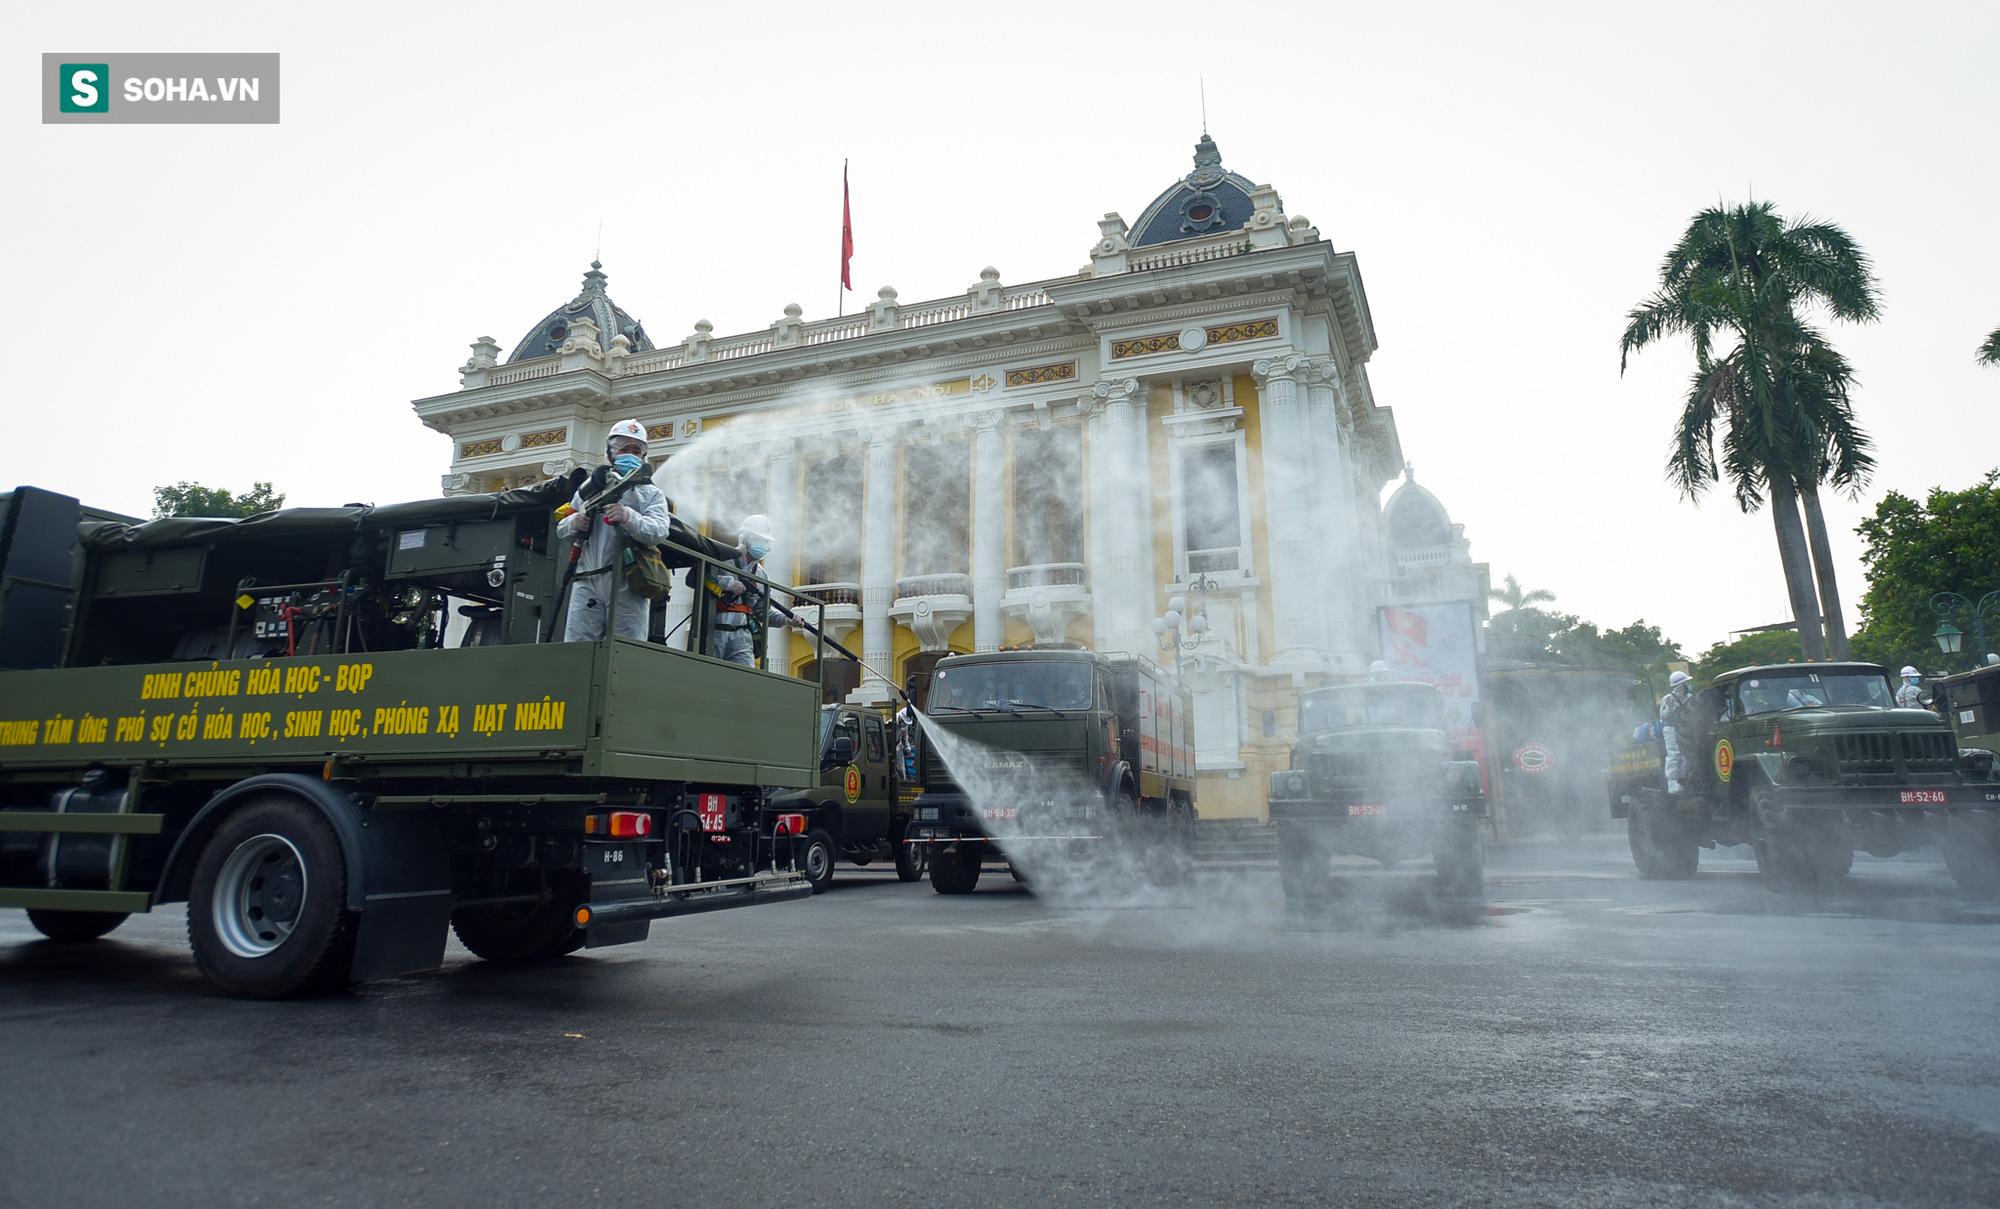 Cận cảnh 15 xe đặc chủng cùng 180 chiến sĩ phun khử khuẩn toàn bộ quận Hoàn Kiếm - Ảnh 2.